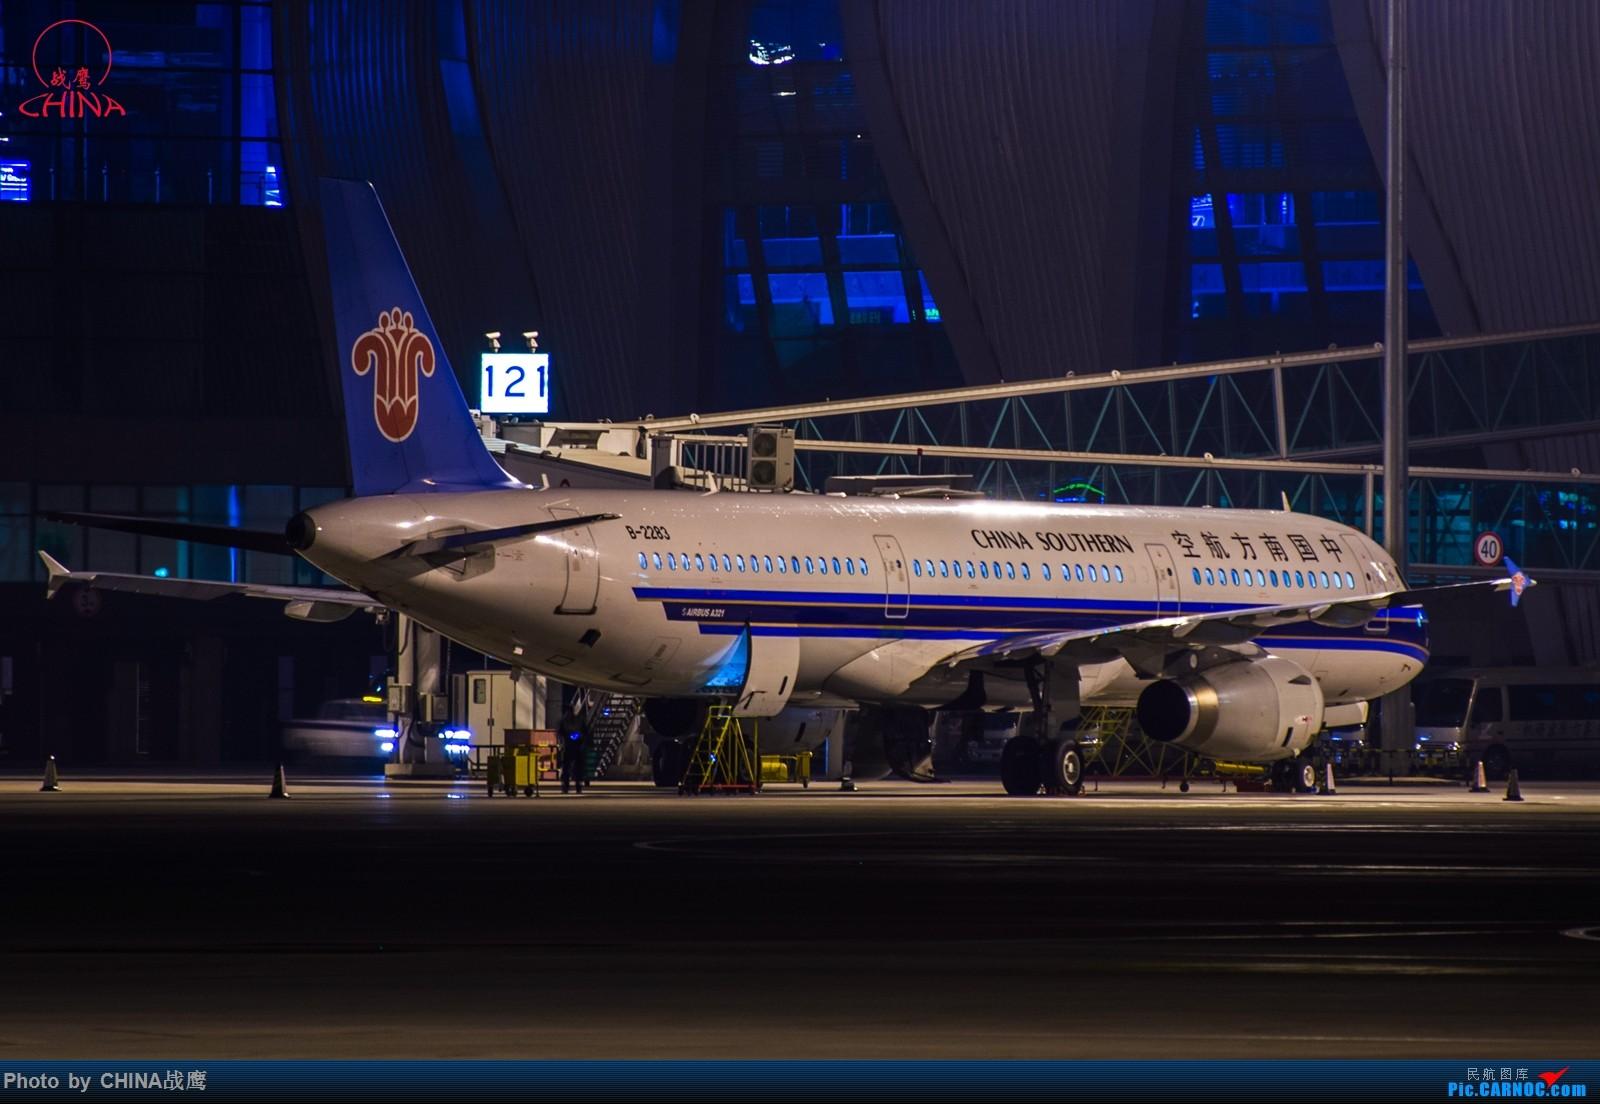 Re:[原创]【SHE】第三季度桃仙拍飞机集锦 AIRBUS A321-200 B-2283 中国沈阳桃仙国际机场